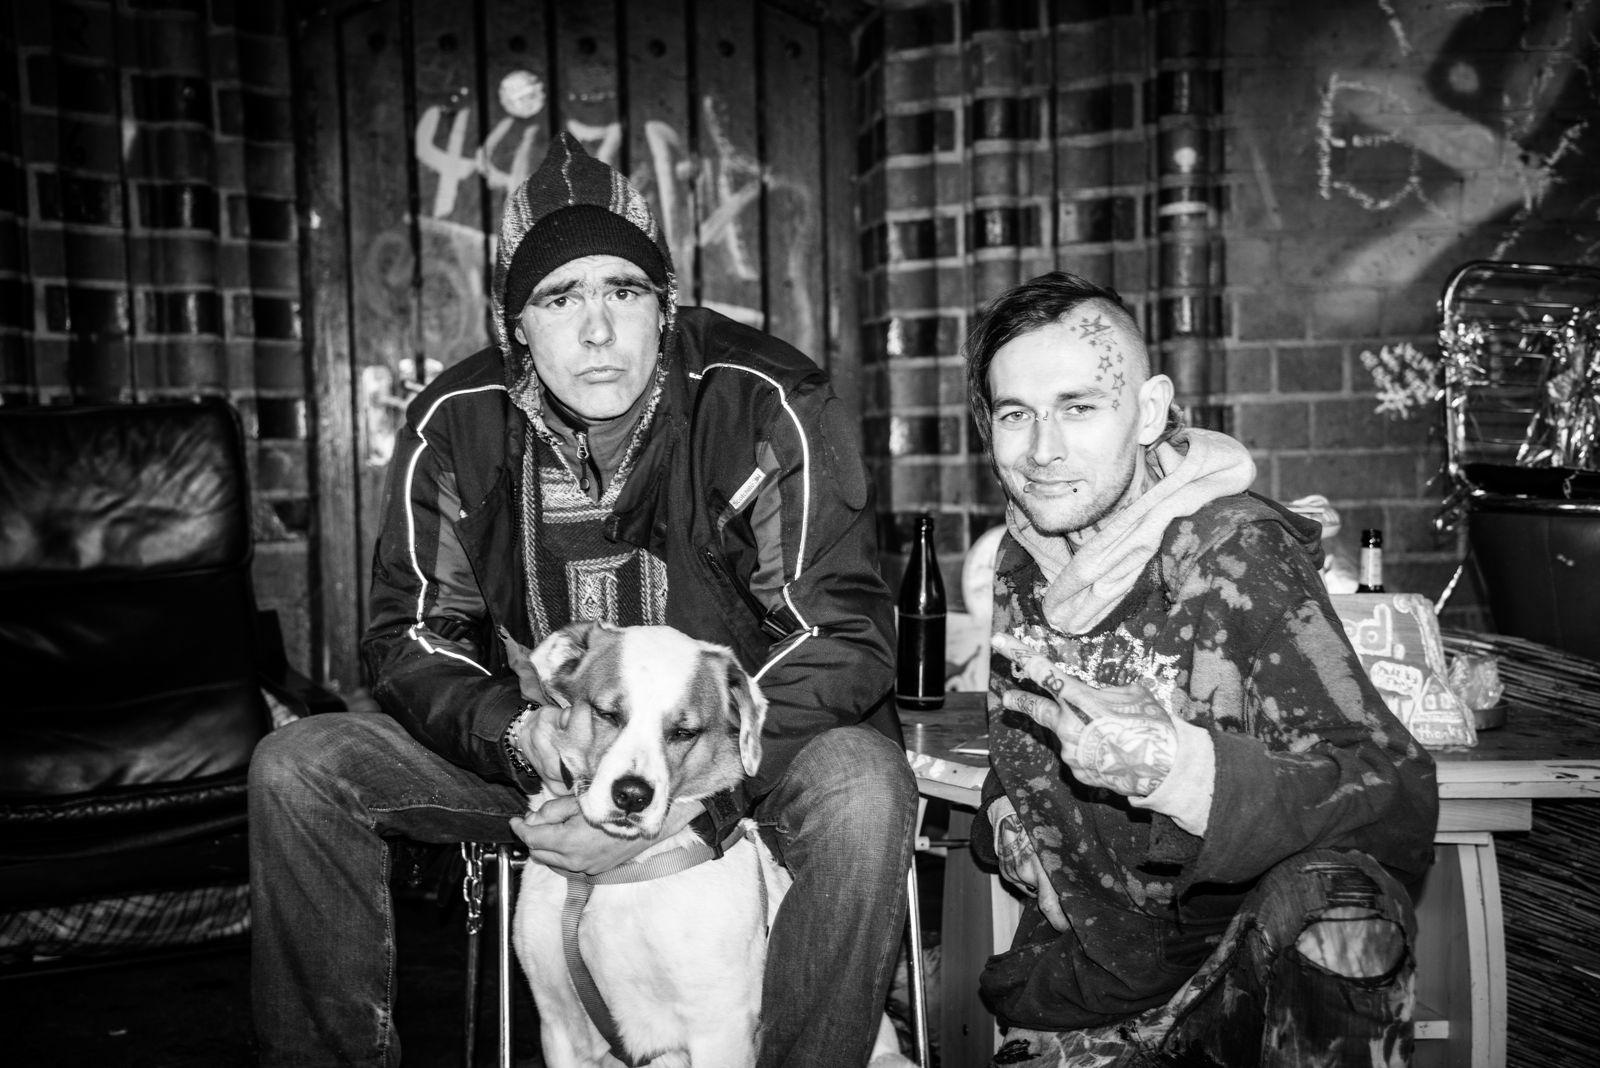 Obdachlosigkeit - Portraits © Debora Ruppert -2